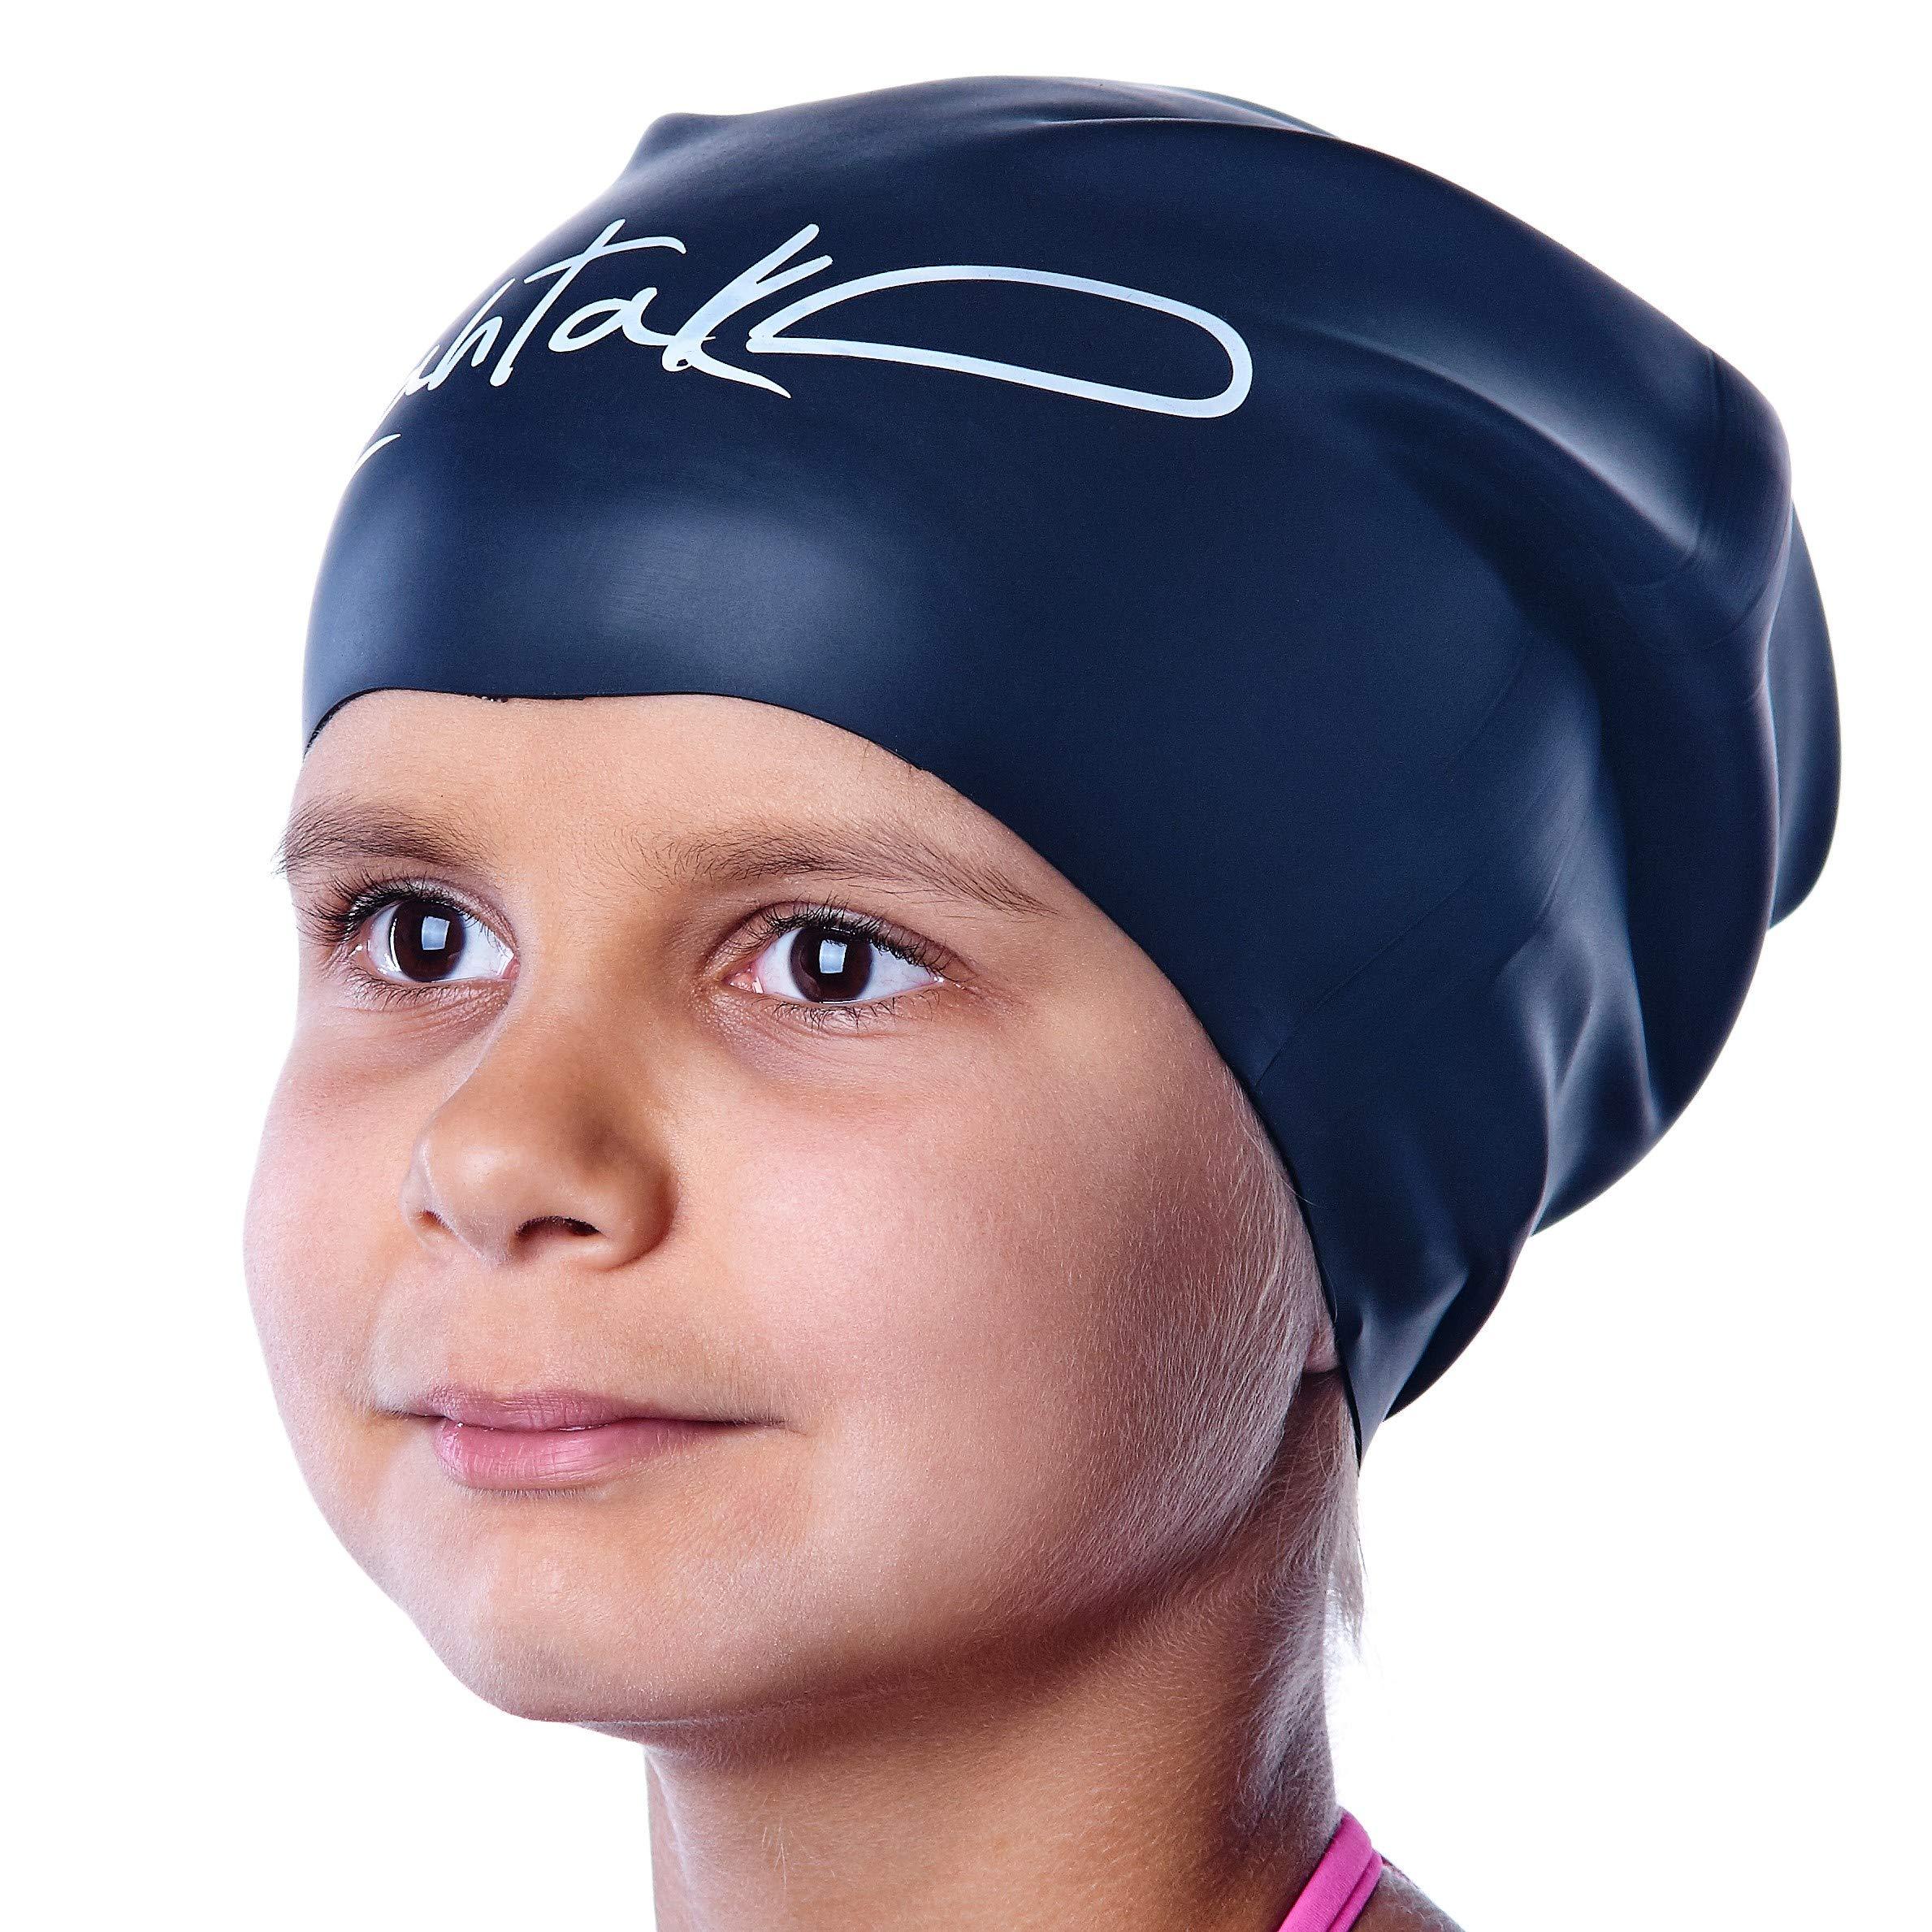 Cuffia da Nuoto per Bambini per Capelli Lunghi – per Bambine e Bambini con  Capelli Lunghi 68fddd85f854